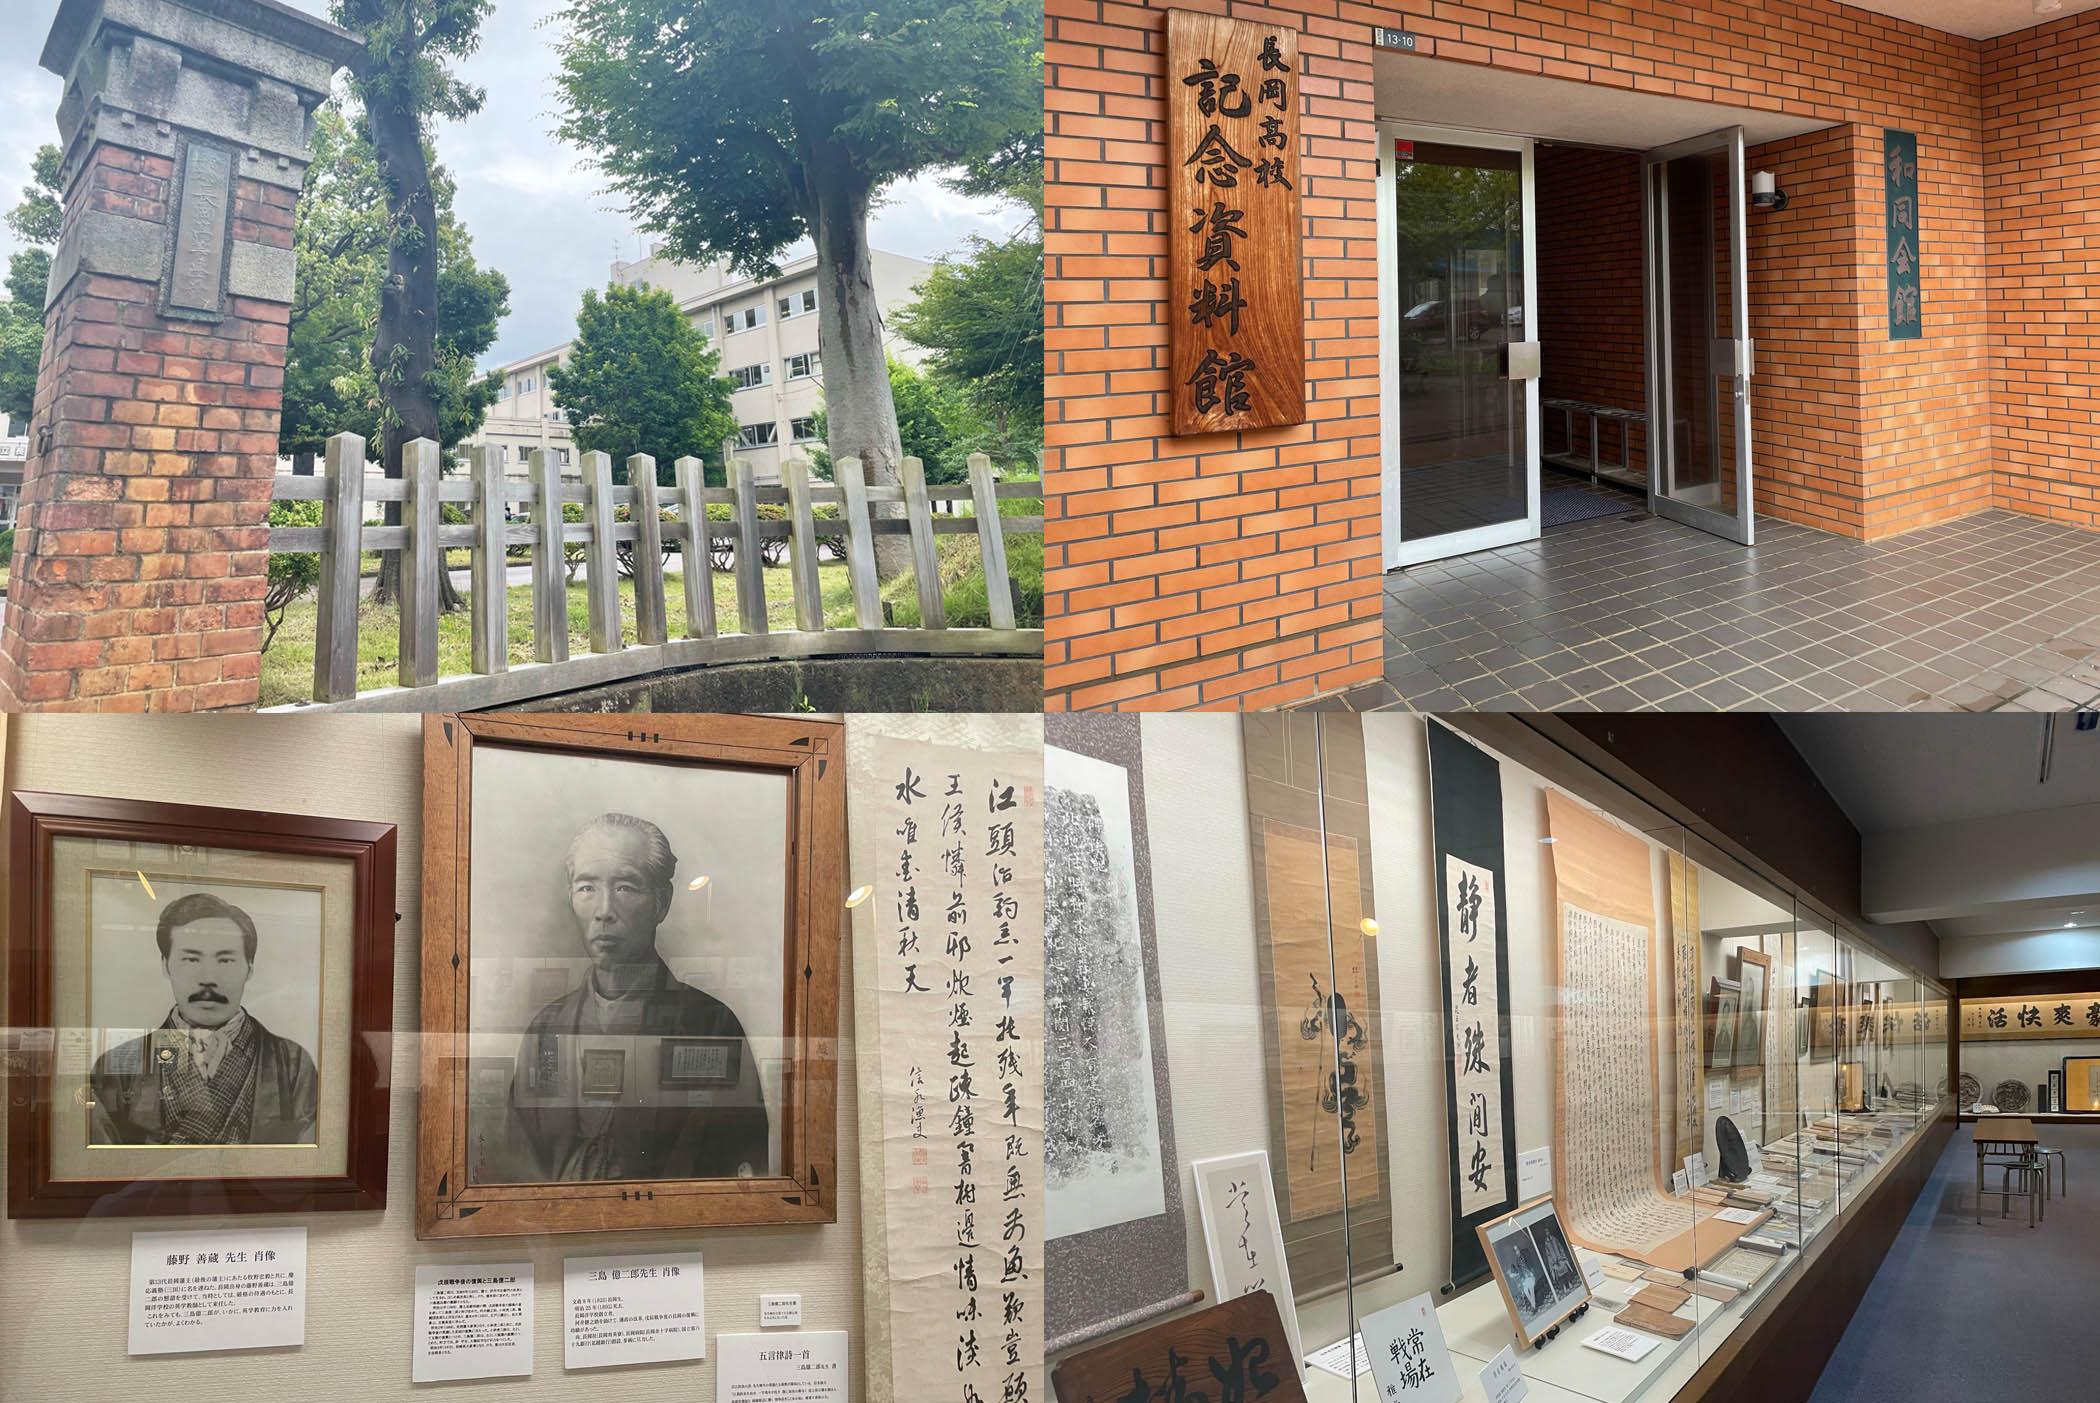 長岡高校記念資料館 新潟県長岡市